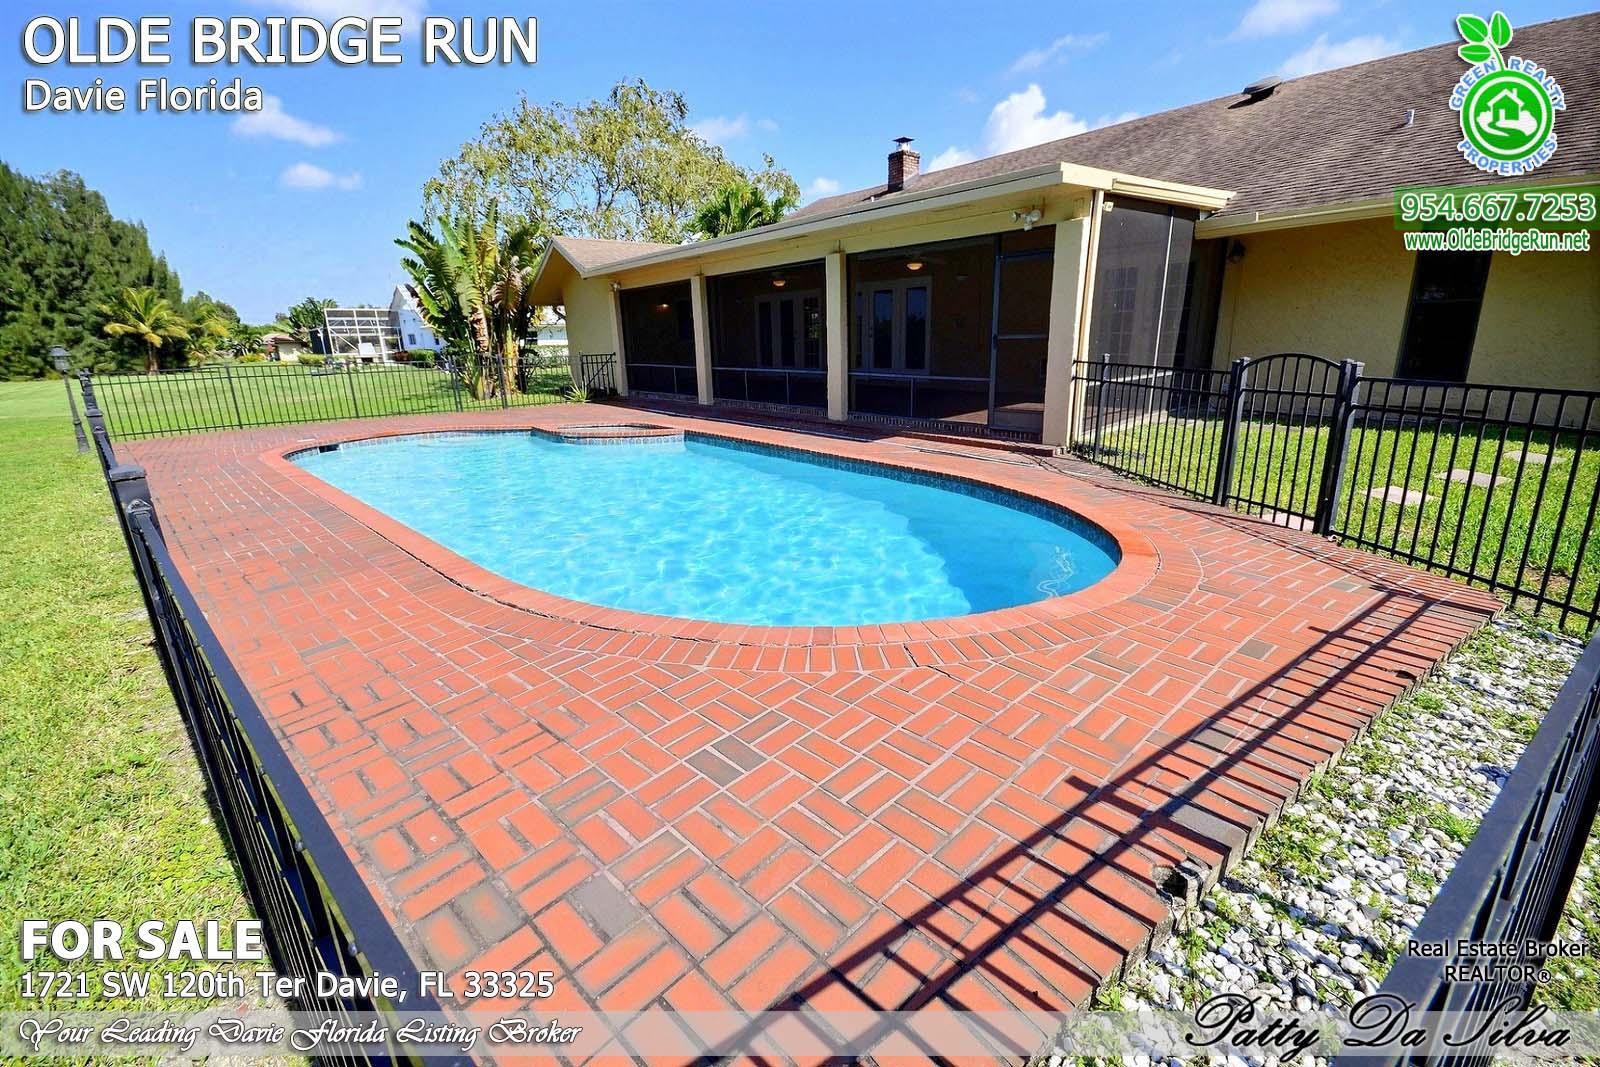 Olde Bridge Run Homes in Davie FL (9)